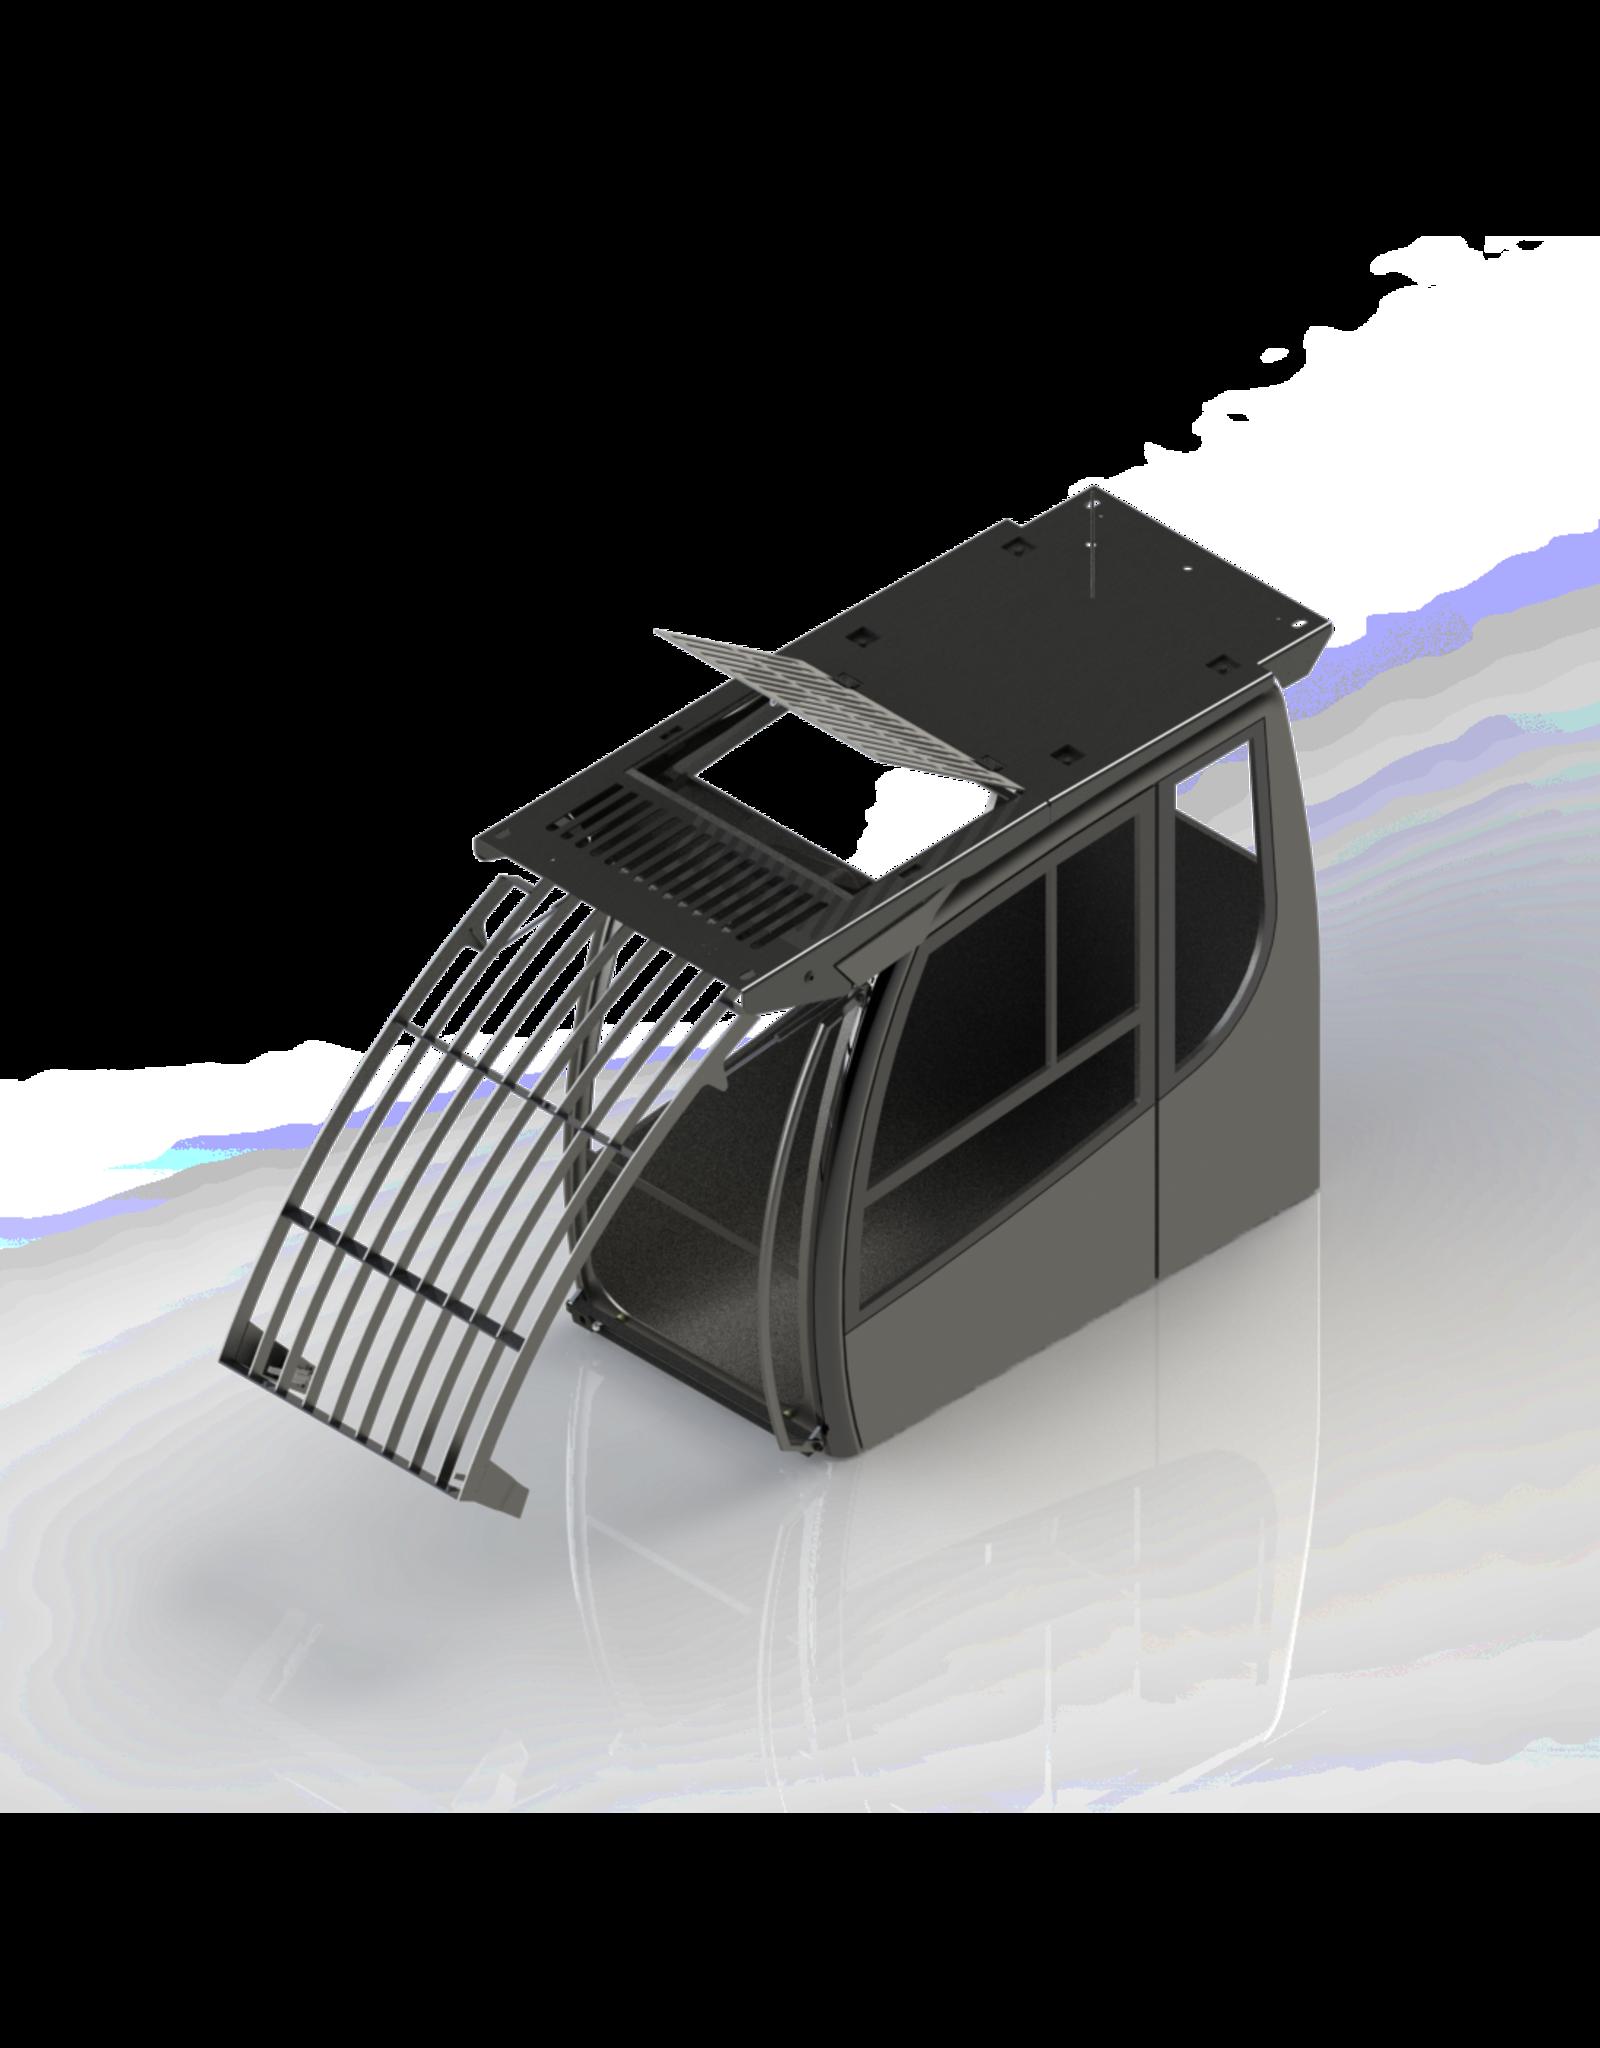 Echle Hartstahl GmbH FOPS pour Komatsu PC230NHD-11